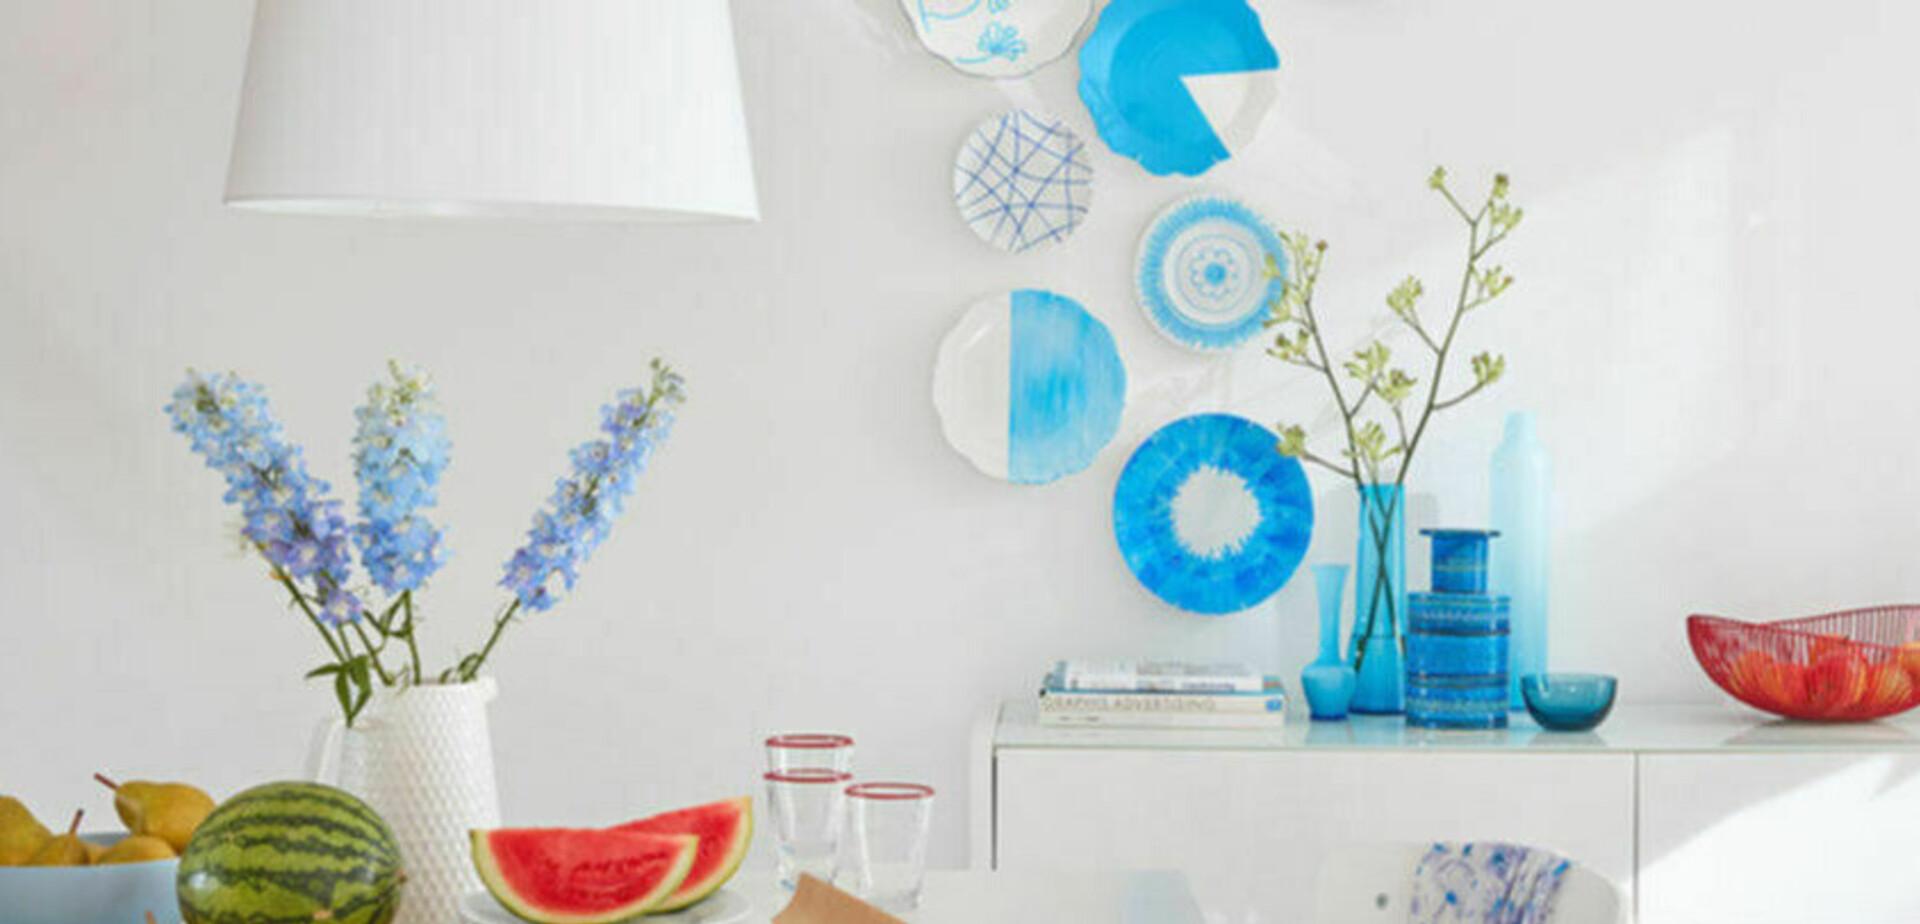 Hedendaags Decoratieve borden aan de muur | Stappenplan CH-91